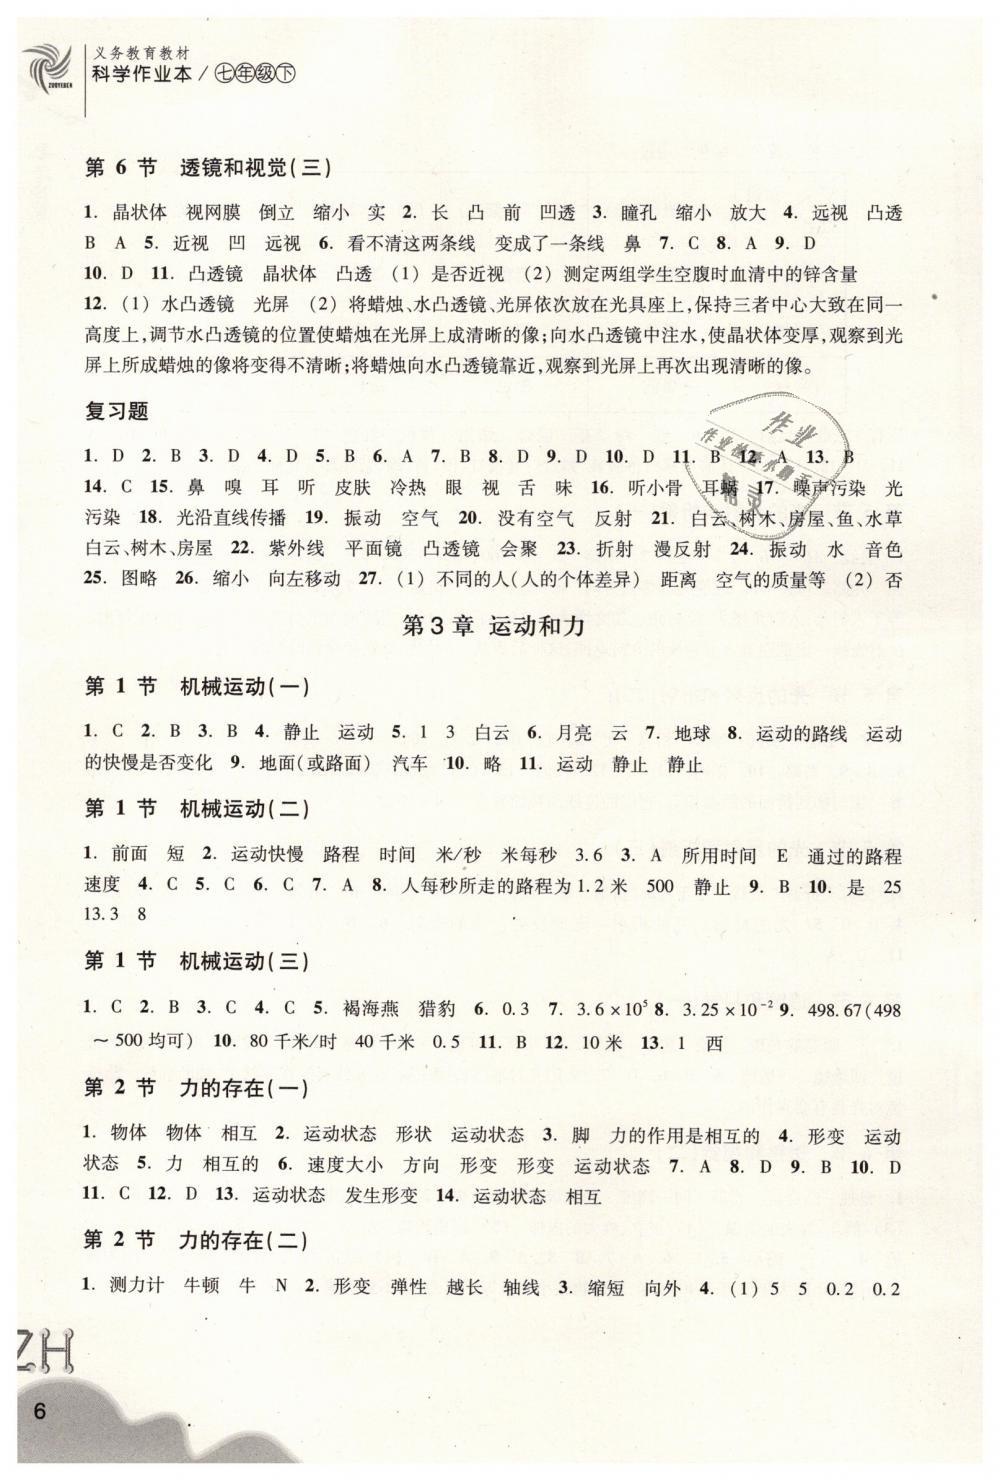 2019年作业本七年级科学下册浙教版浙江教育出版社第6页